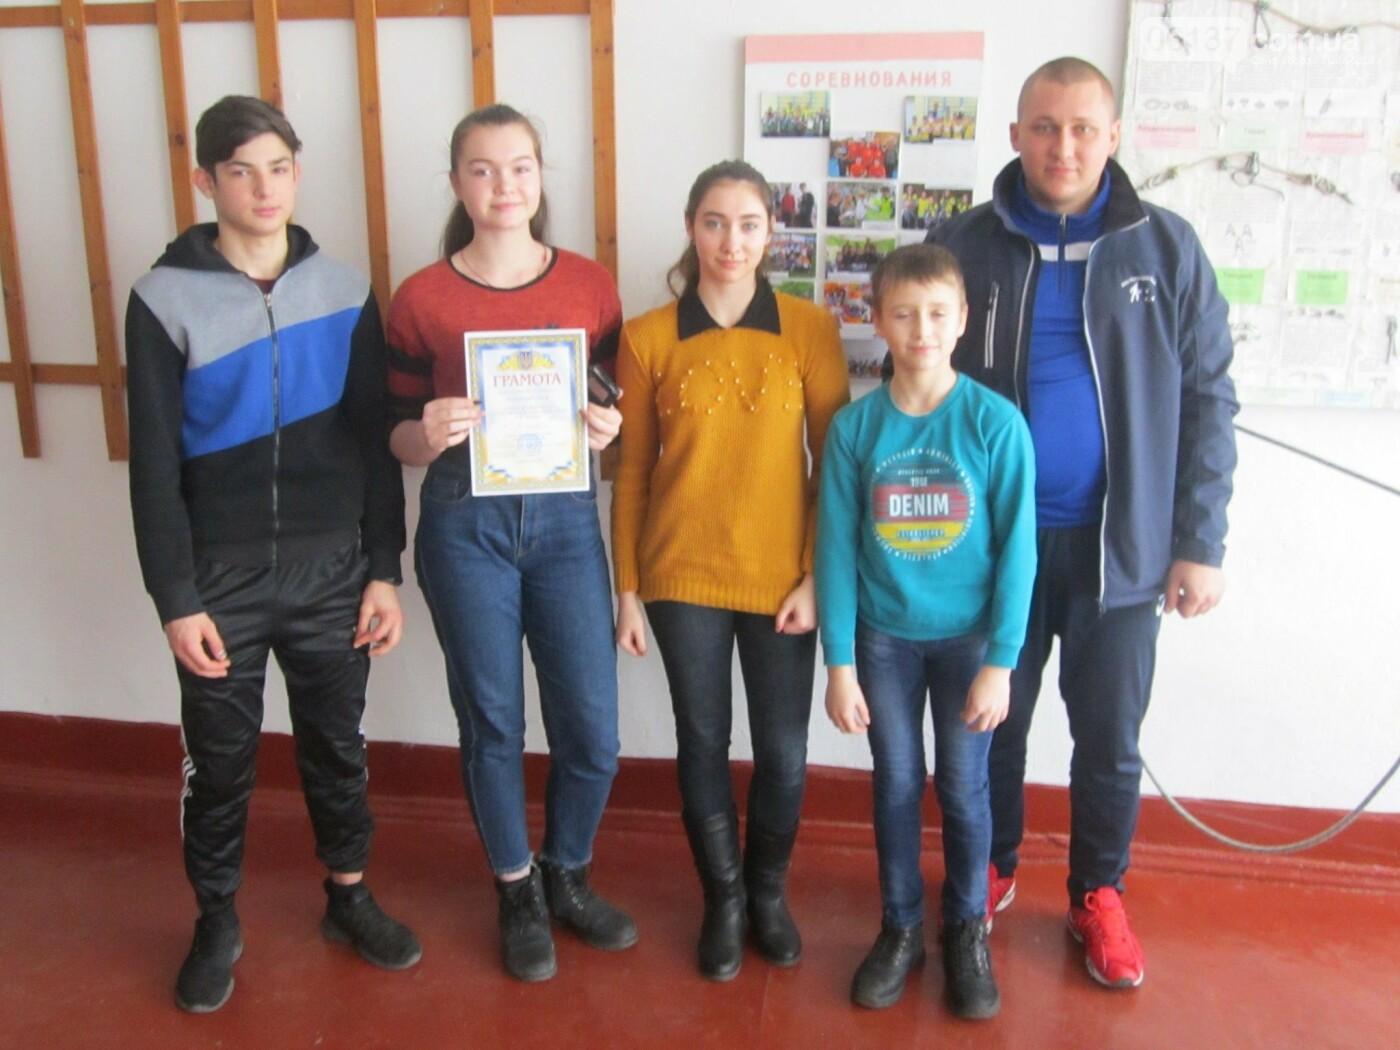 Туристи - оптимісти провели конкурс  в'язання вузлів між школами Приморської ОТГ, фото-4